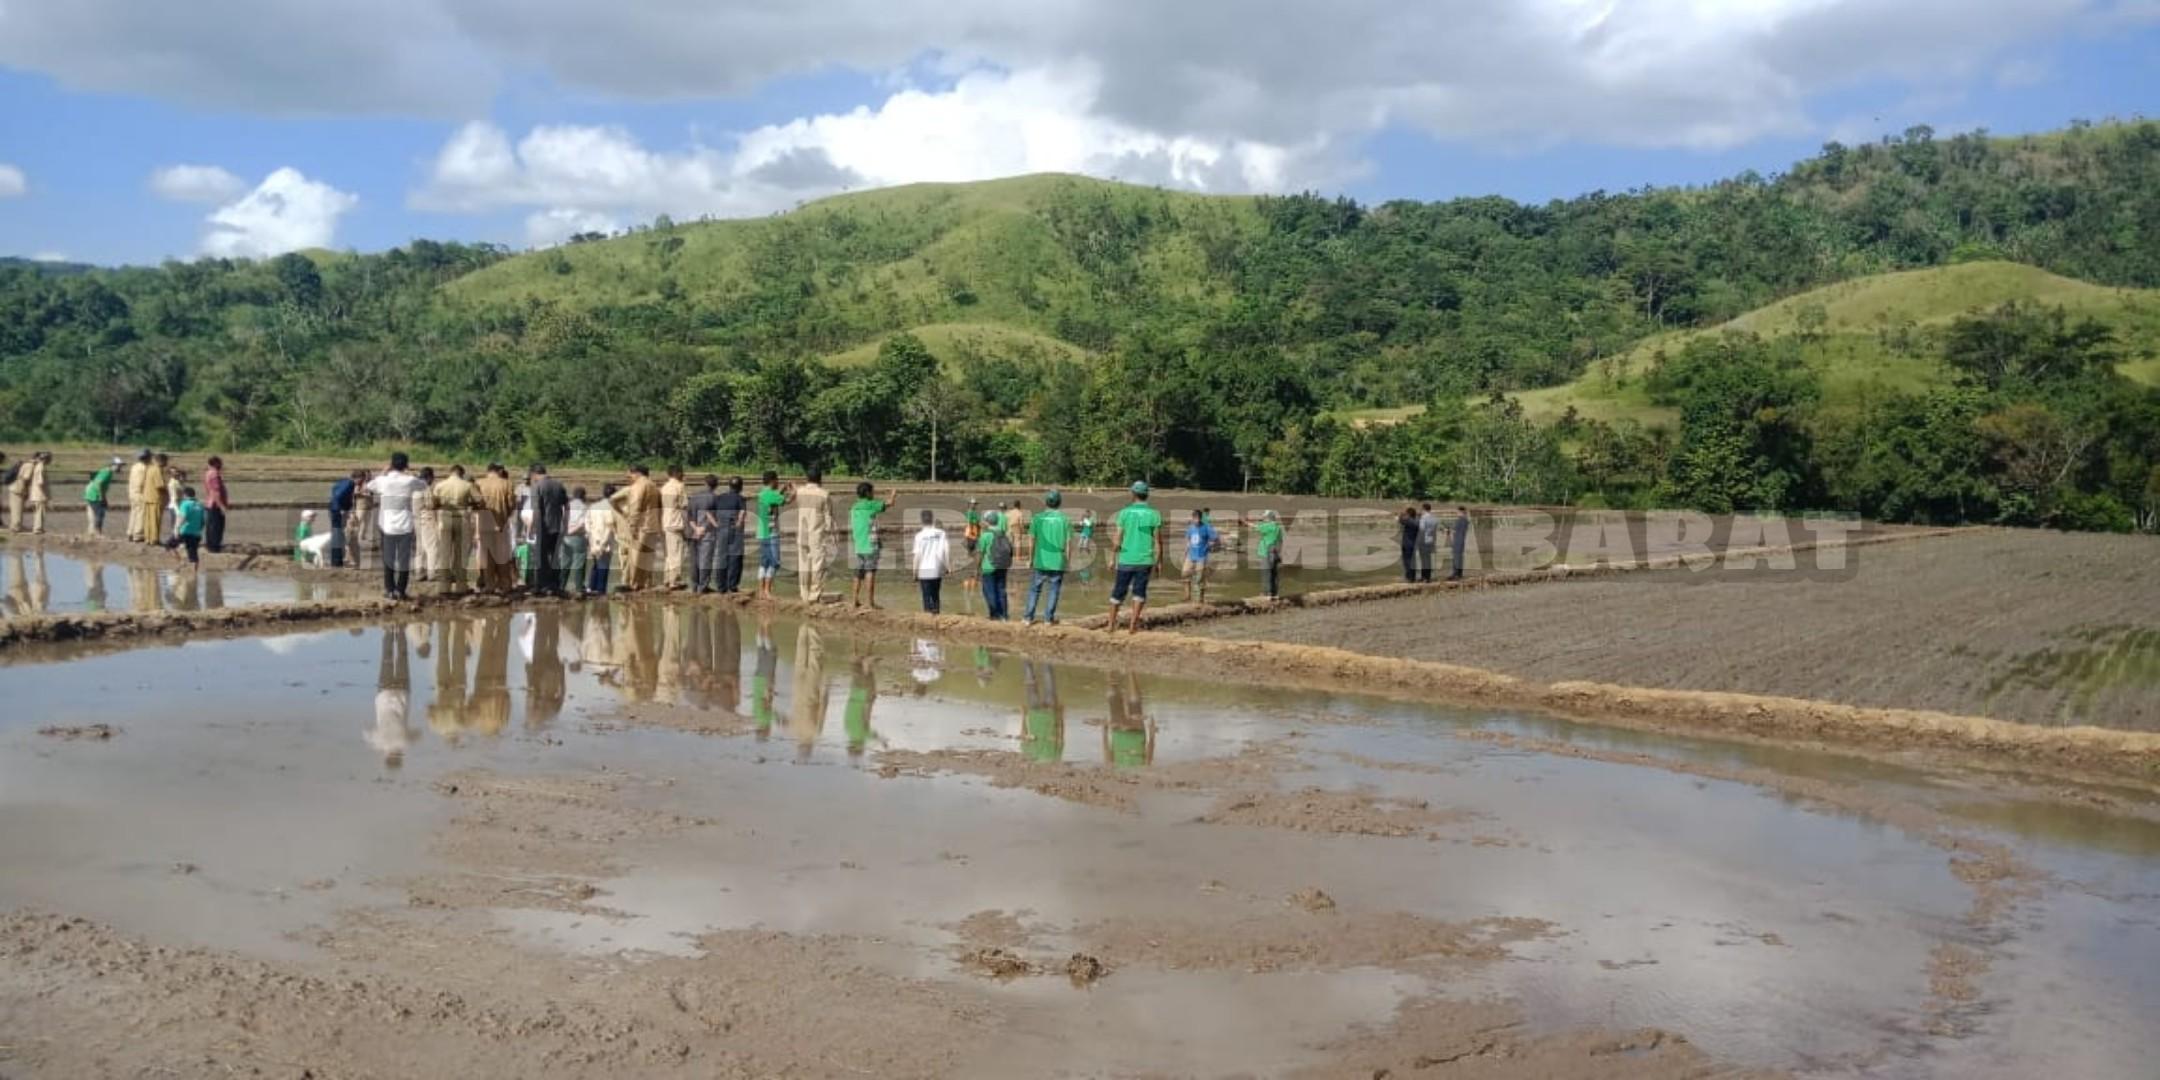 Kapolsek URG Hadiri Pencanangan BBGRM Ke-16 Tahun 2019 di Kabupaten Sumba Tengah